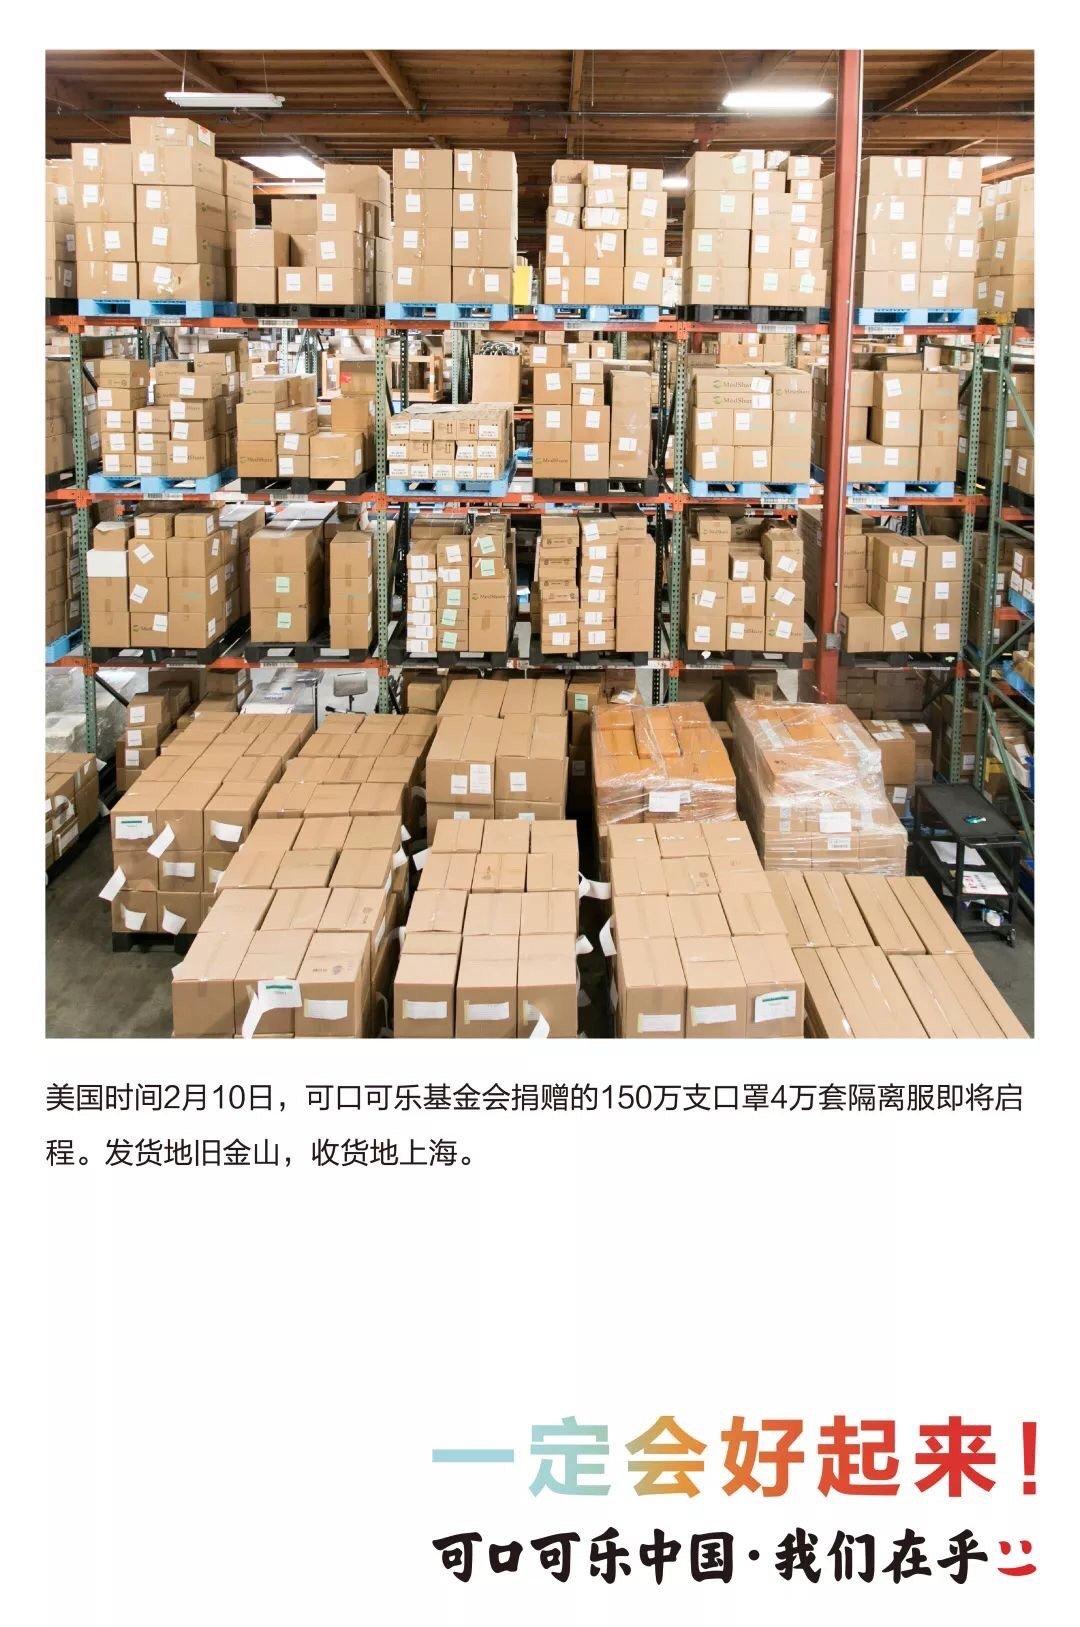 可口可乐150万口罩与4万防护服驰援中国 网友点赞